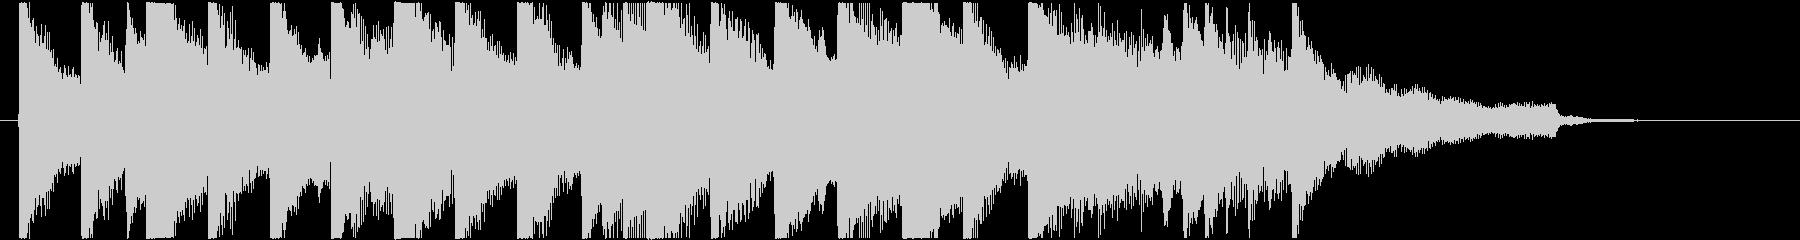 ピアノ/ジングル/サスペンス/緊迫の未再生の波形